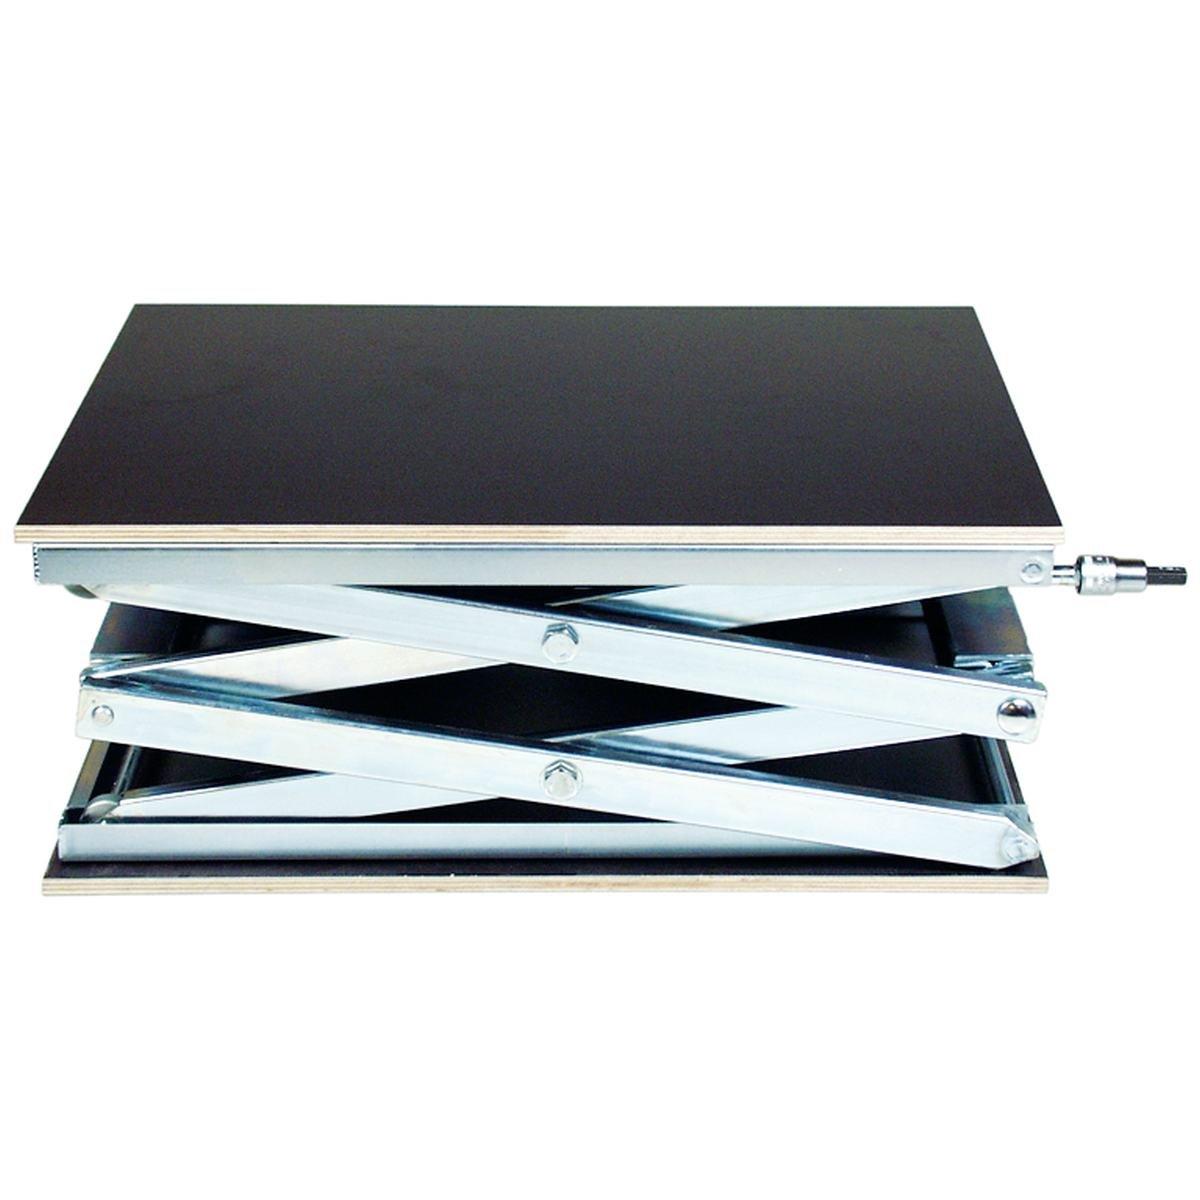 Hæve- sænkebord 405 x 520 mm. max. vægt 60 kg.